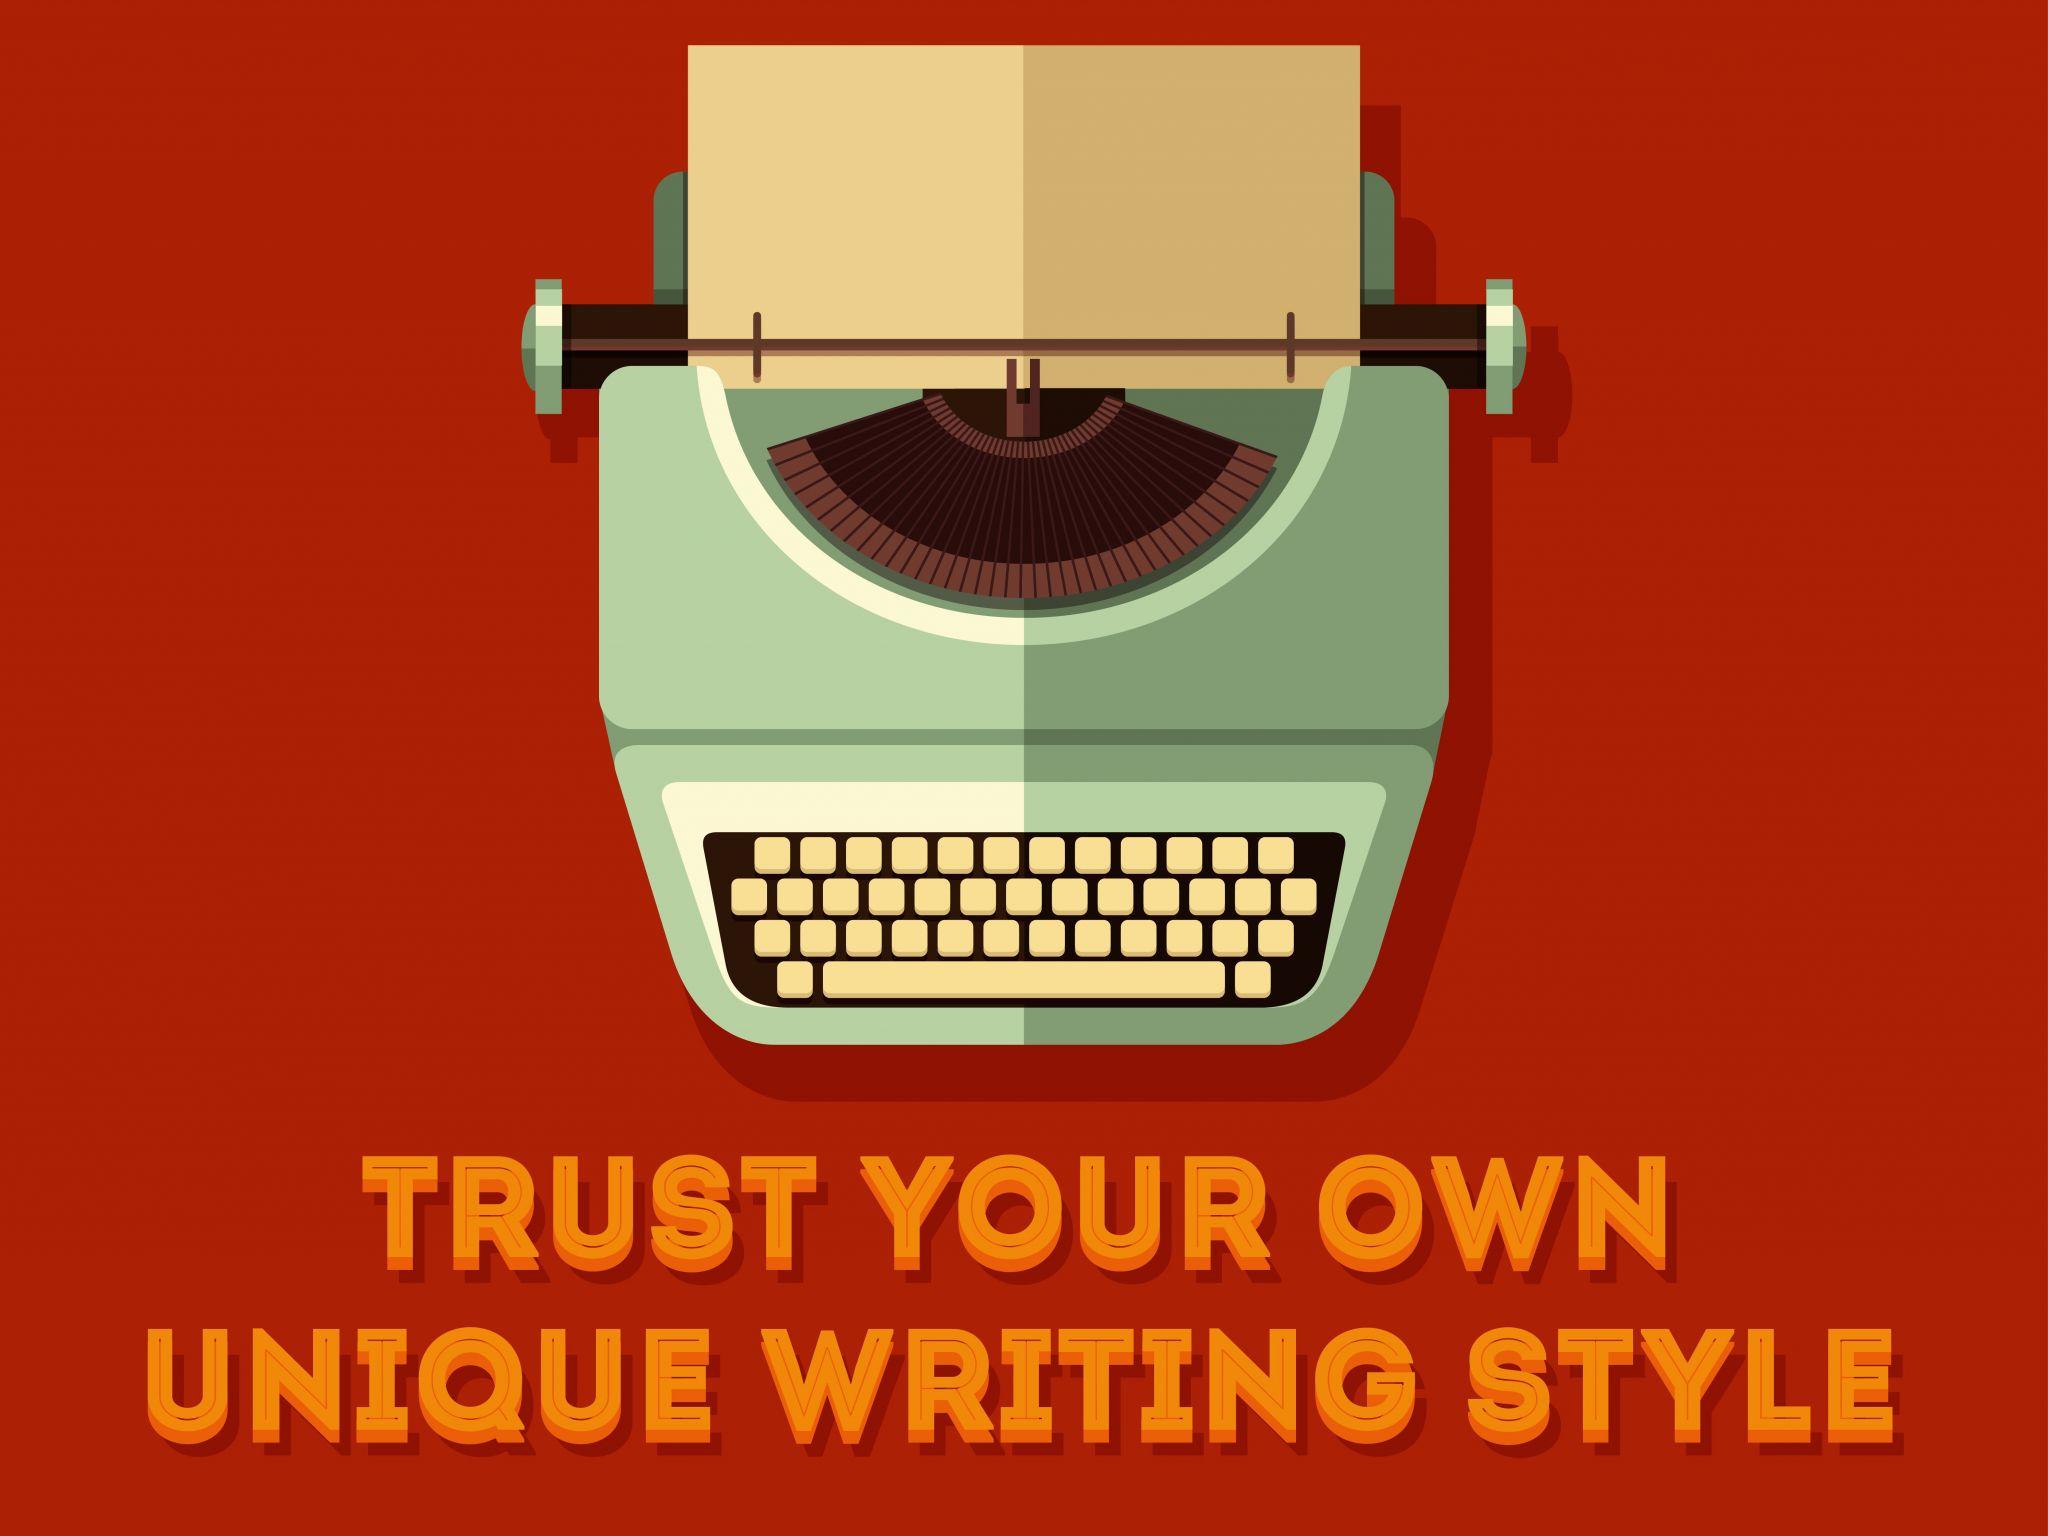 Apa Citation Worksheet Uhcl Writing Center